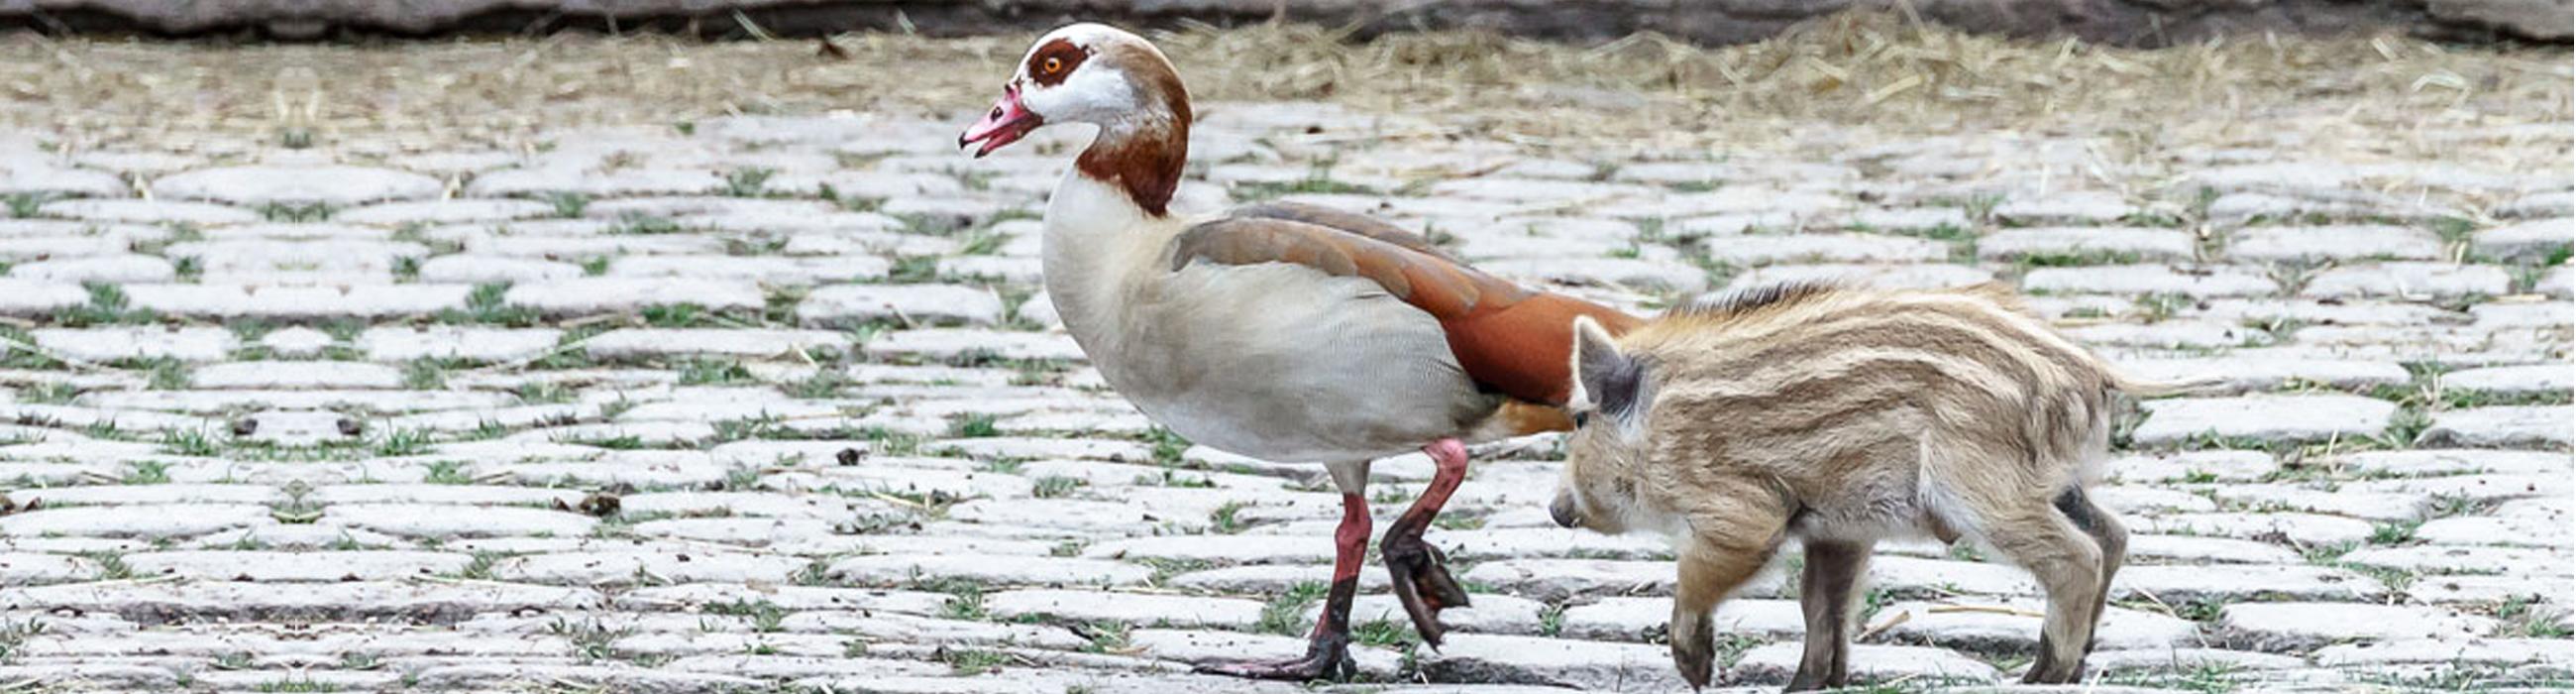 Ente mit Frischling